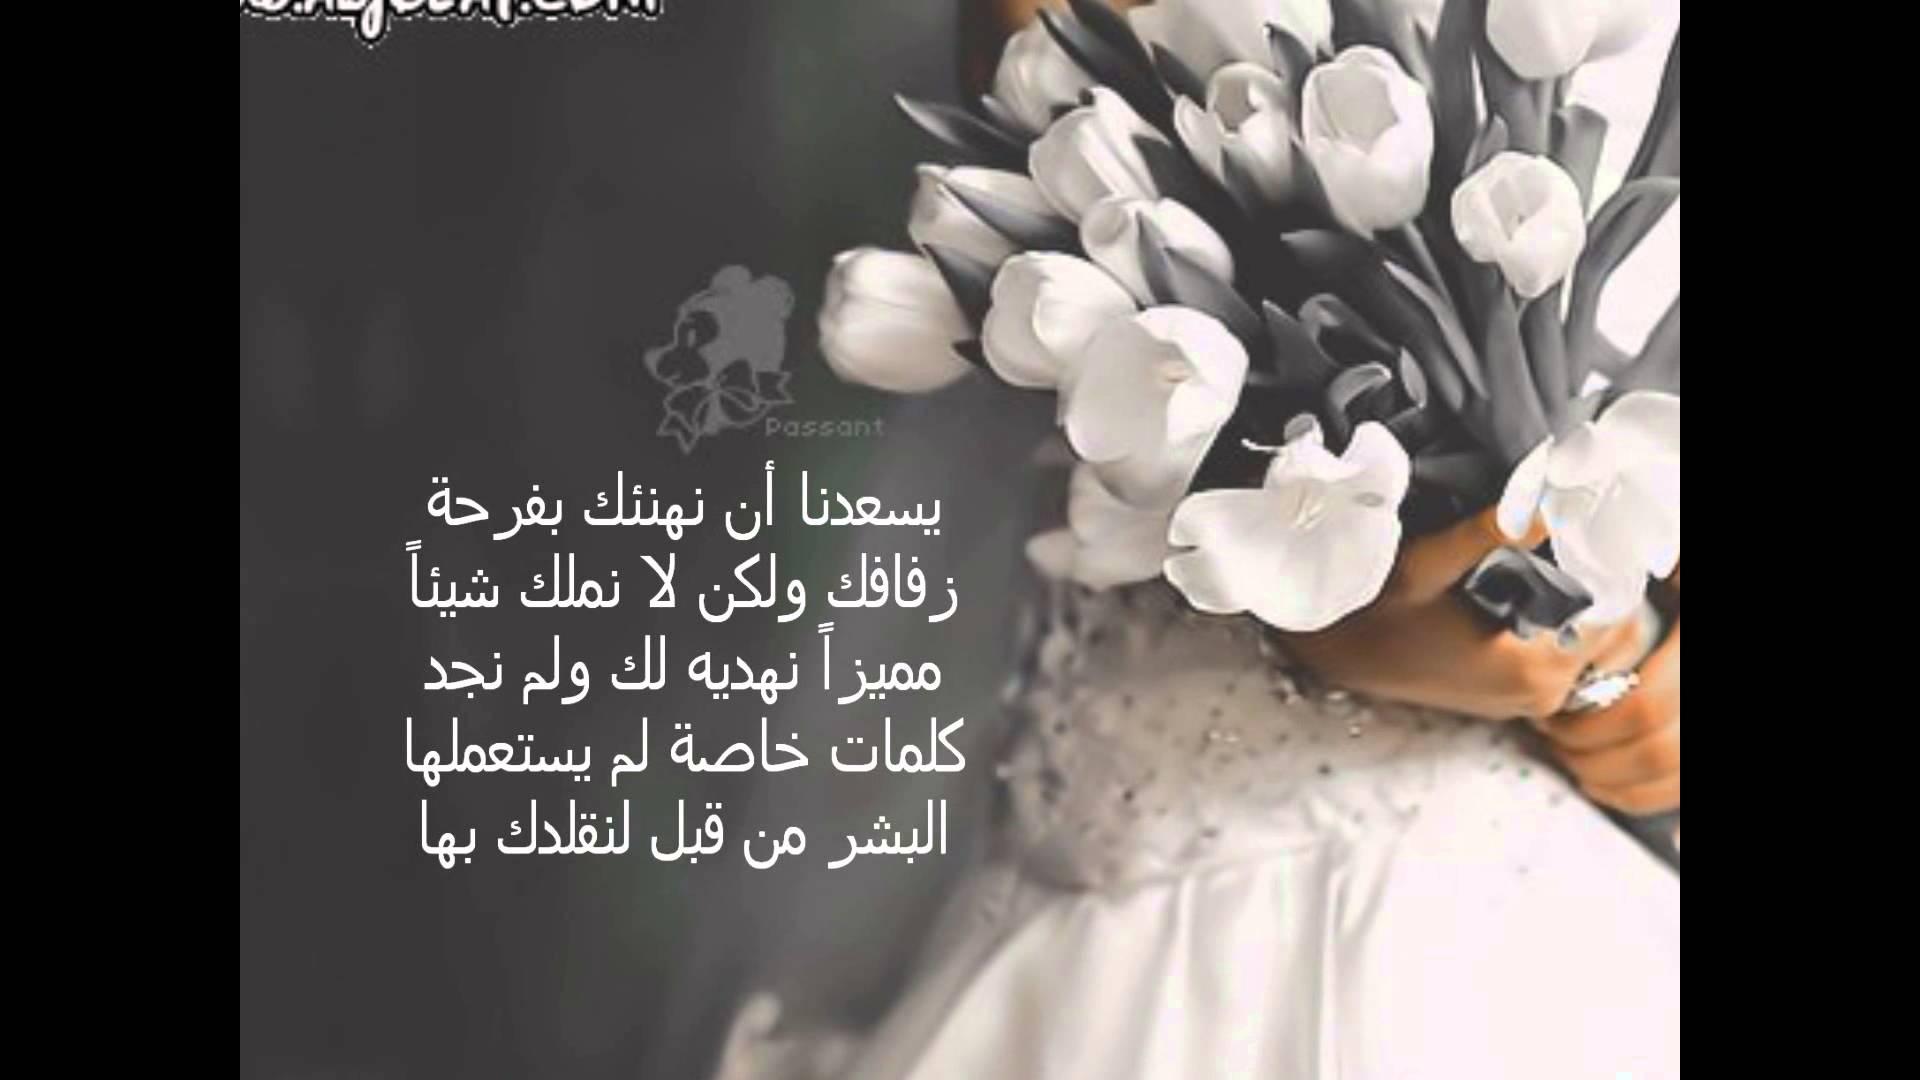 بالصور كلمات للعروس من صديقتها , تهاني الزفاف من الصديقه 2166 7